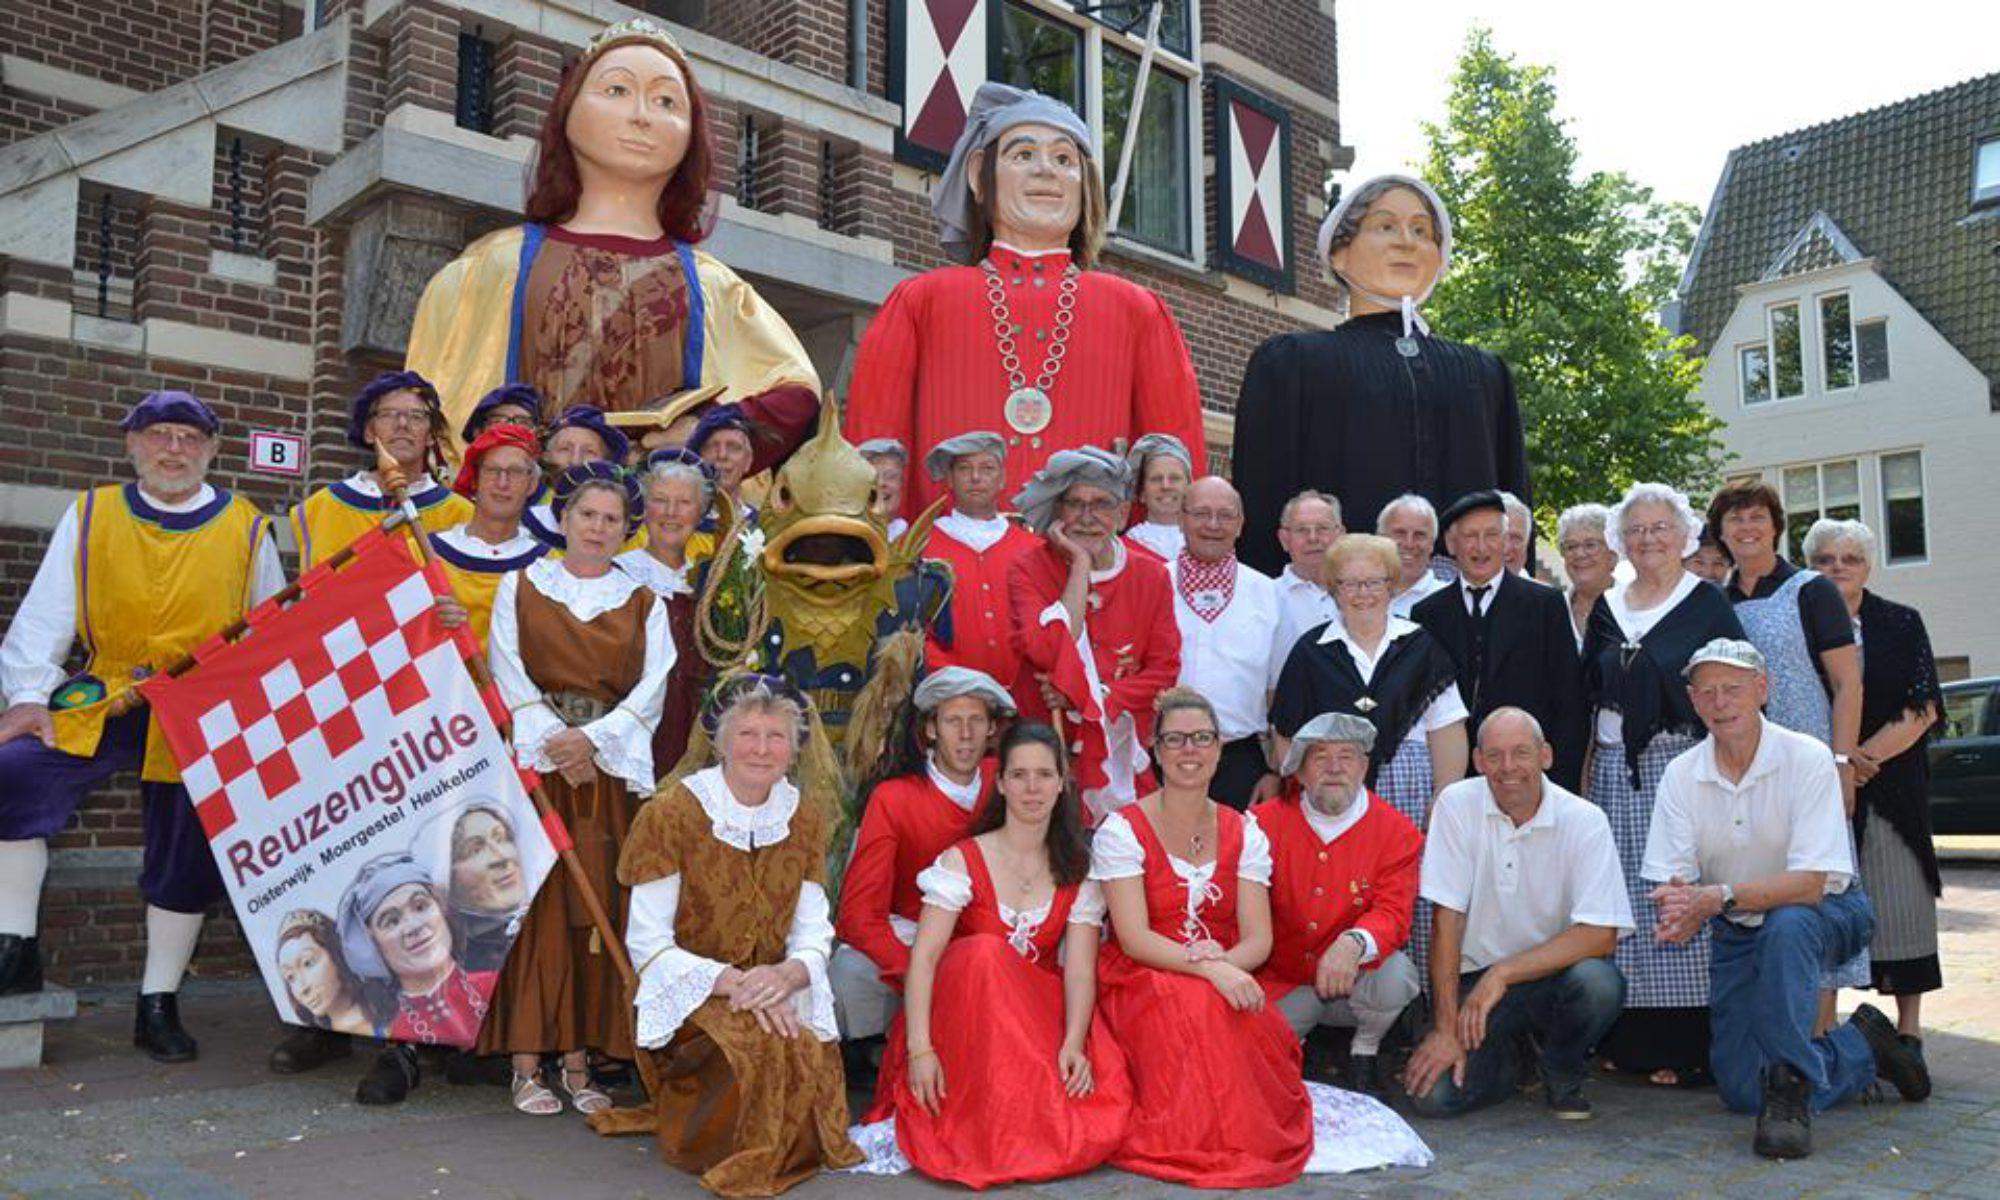 Stichting Reuzengilde Oisterwijk, Moergestel, Heukelom